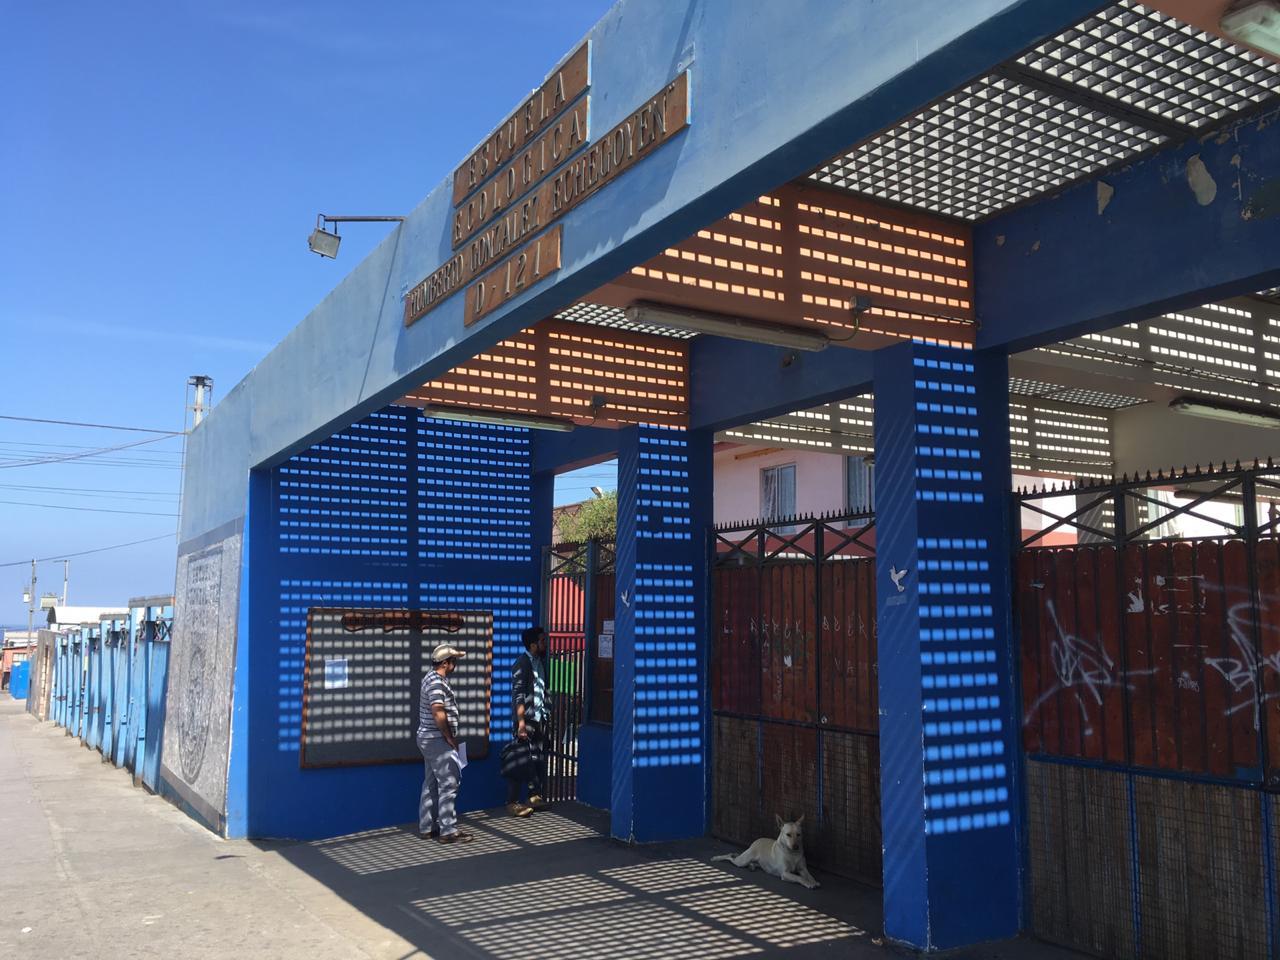 Escuela Ecologica D 121 - Antofagasta